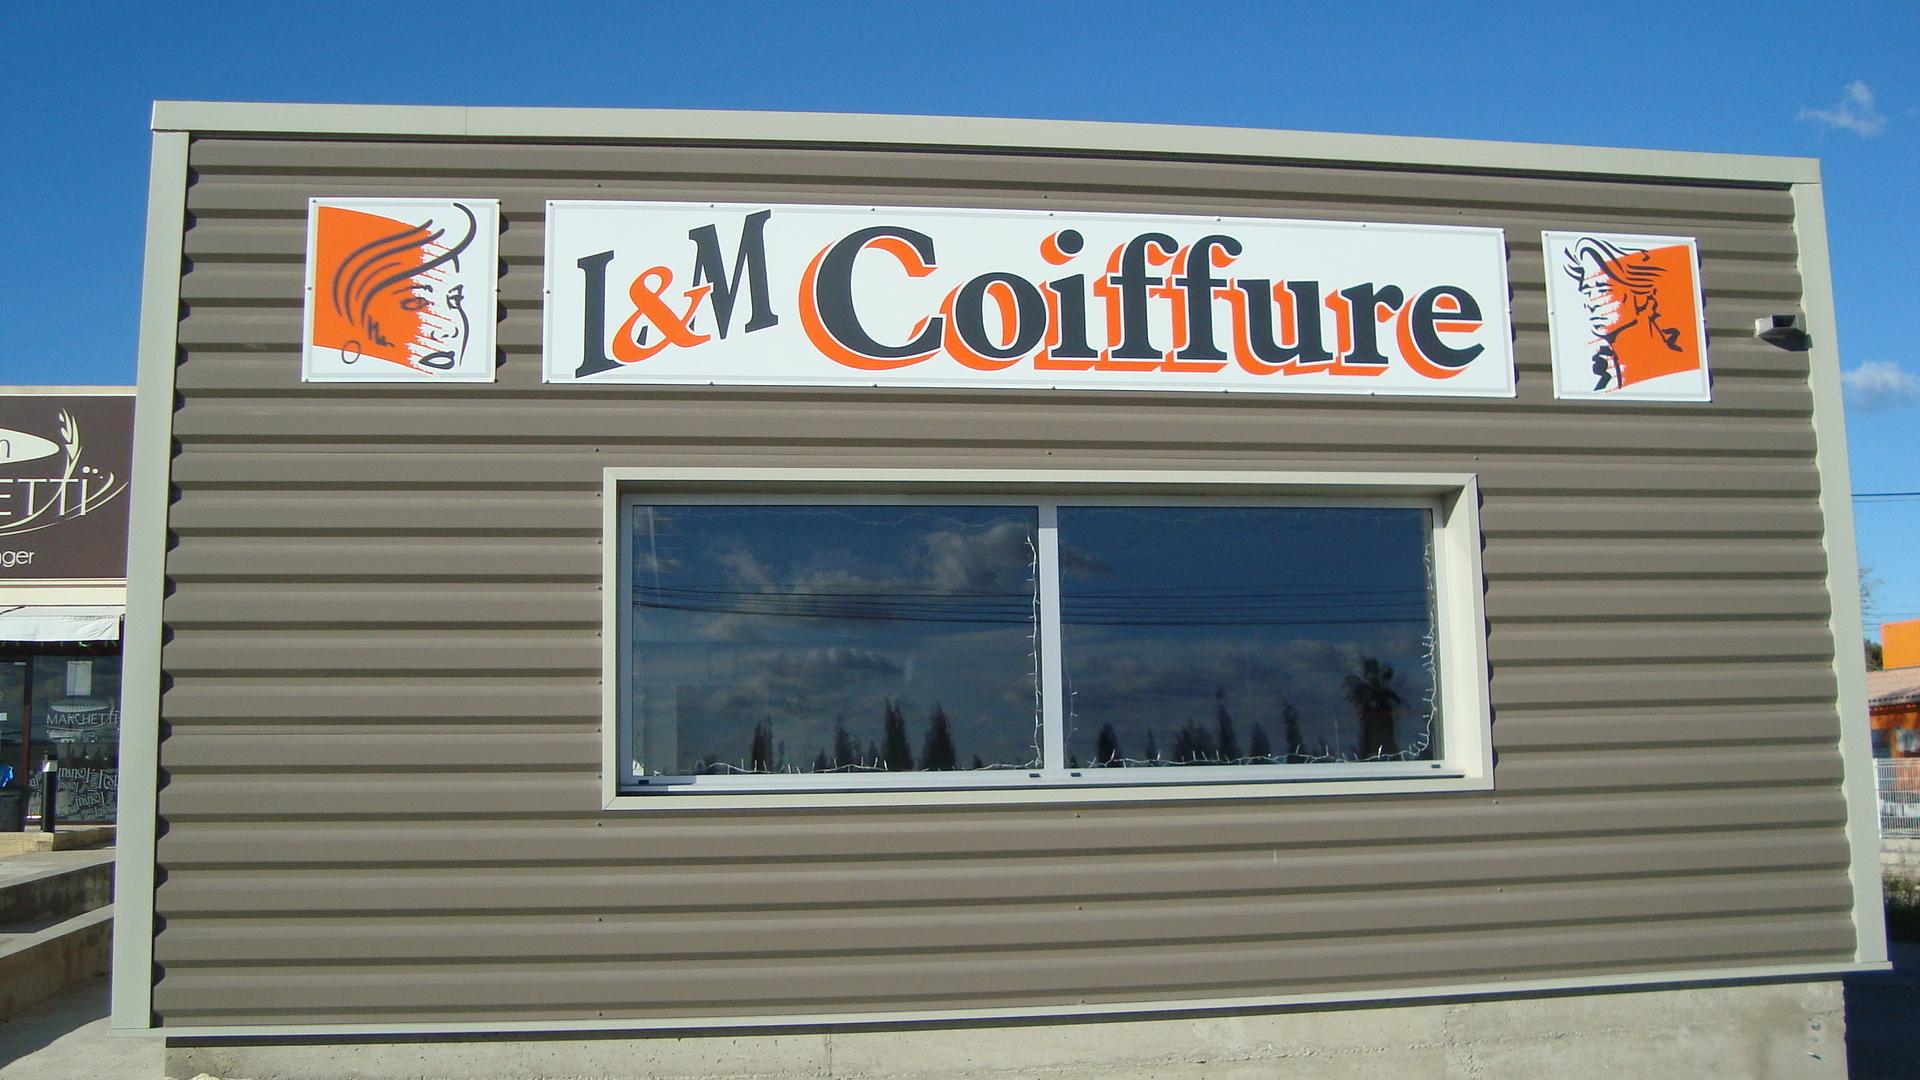 L&M Coiffure